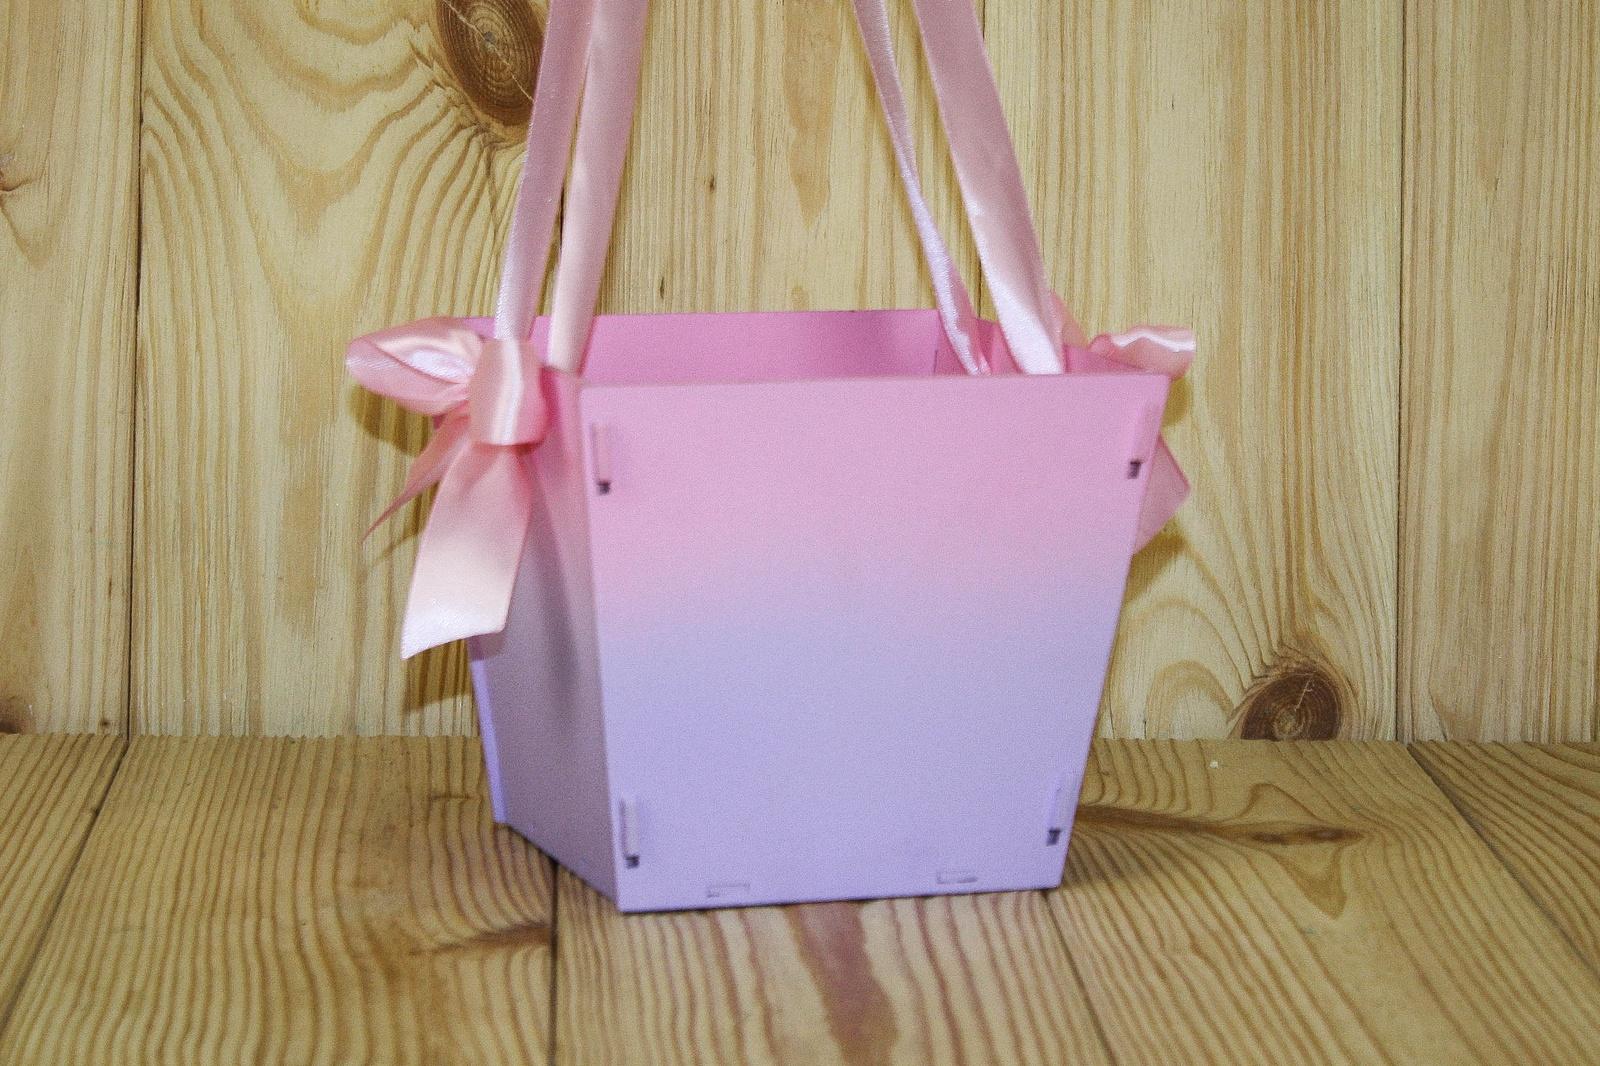 Подарочная упаковка Мастер Дизайн ПУ431020509, розовый, сиреневыйПУ431020509подарочная коробка-сумка,МДФ,с градиентом